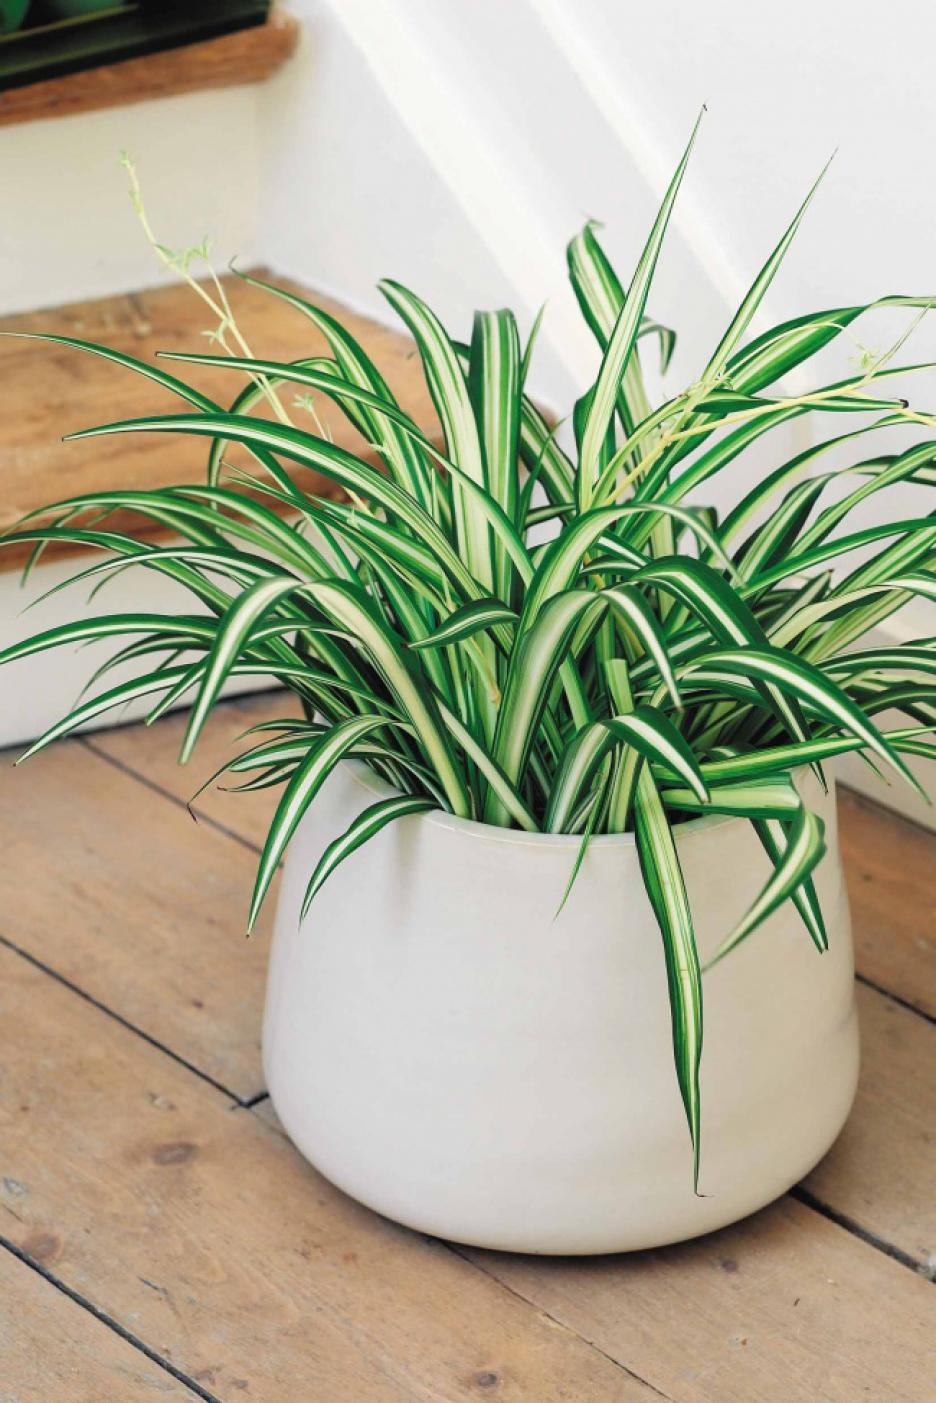 Grünlilie sieht elegant aus und reinigt die Luft